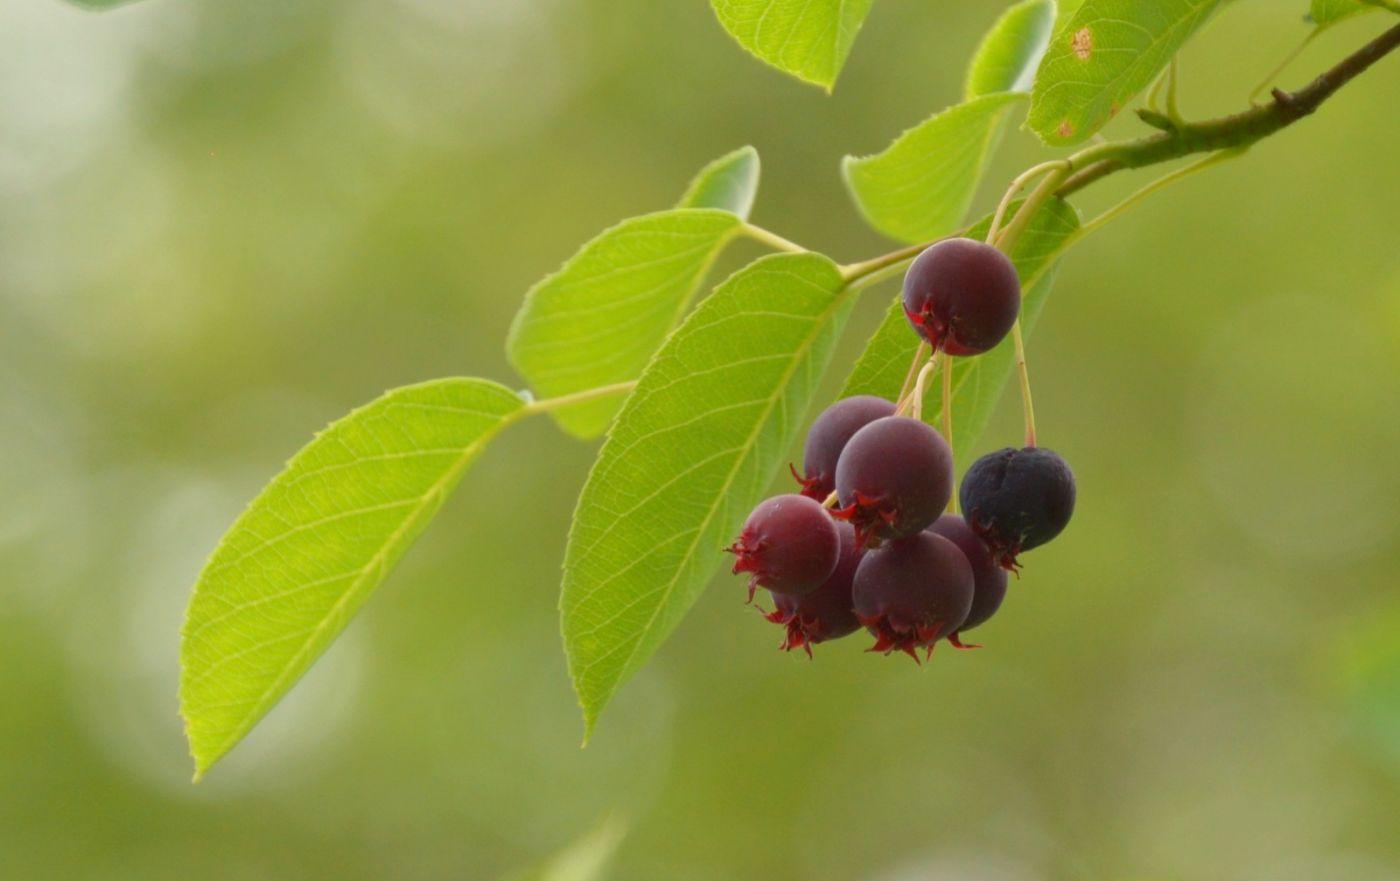 花楸树的果实_图1-1